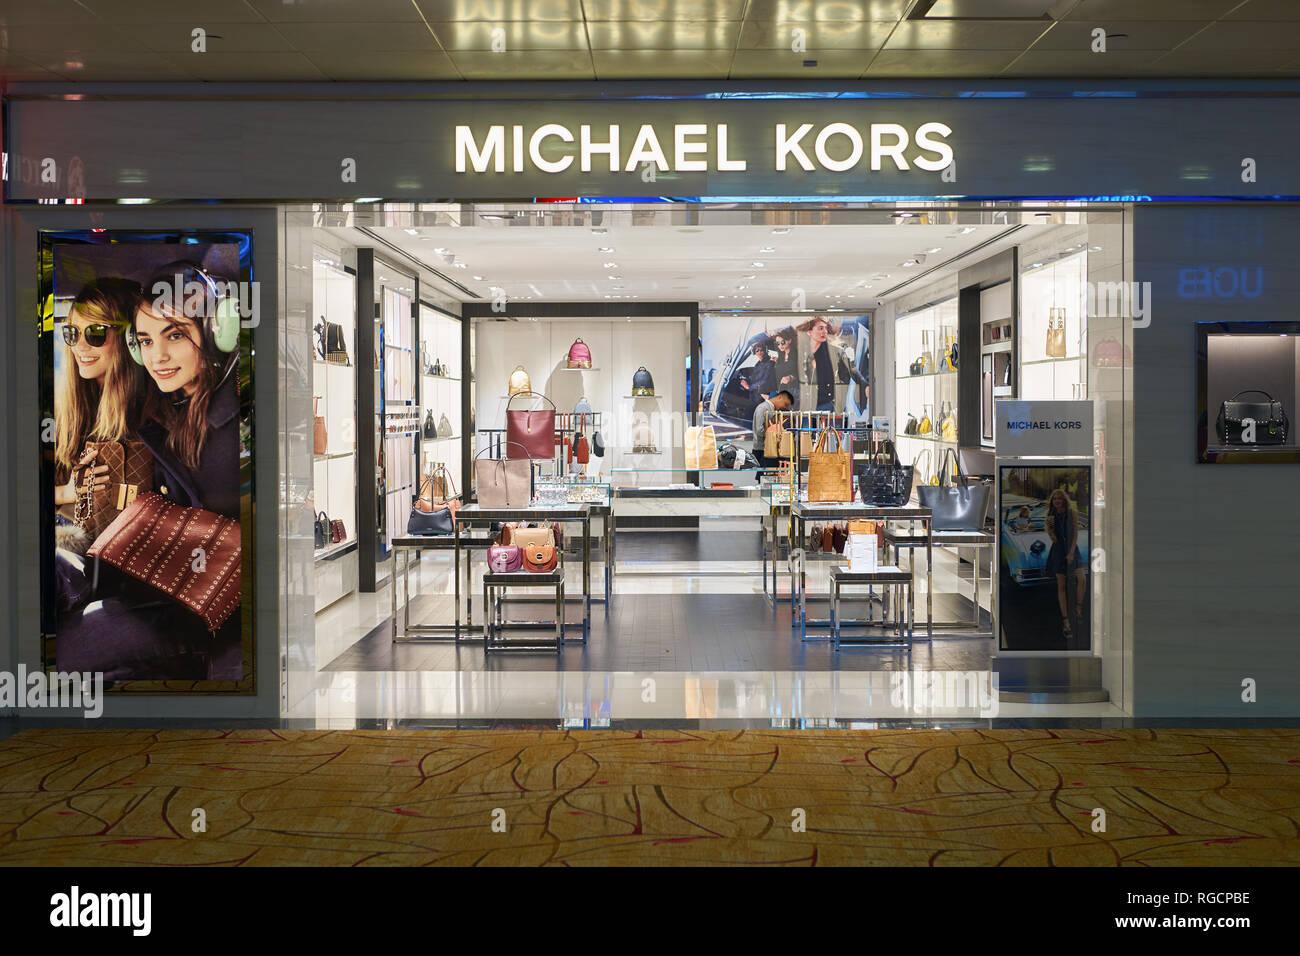 784a04f47f Singapur - CIRCA Septiembre, 2016: Michael Kors almacén en el aeropuerto  Changi de Singapur